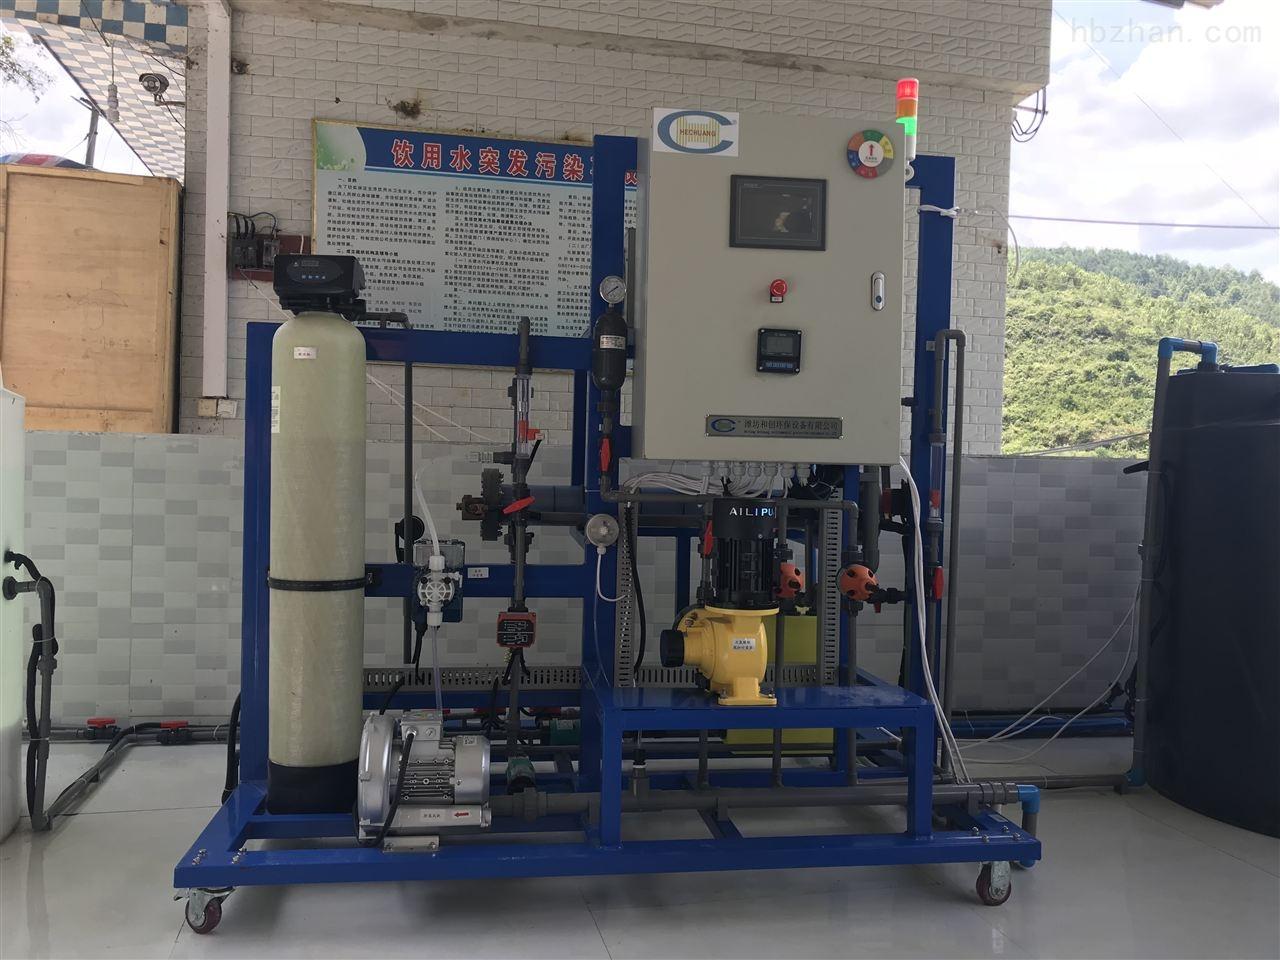 吉林智能电解盐水次氯酸钠发生器生产厂